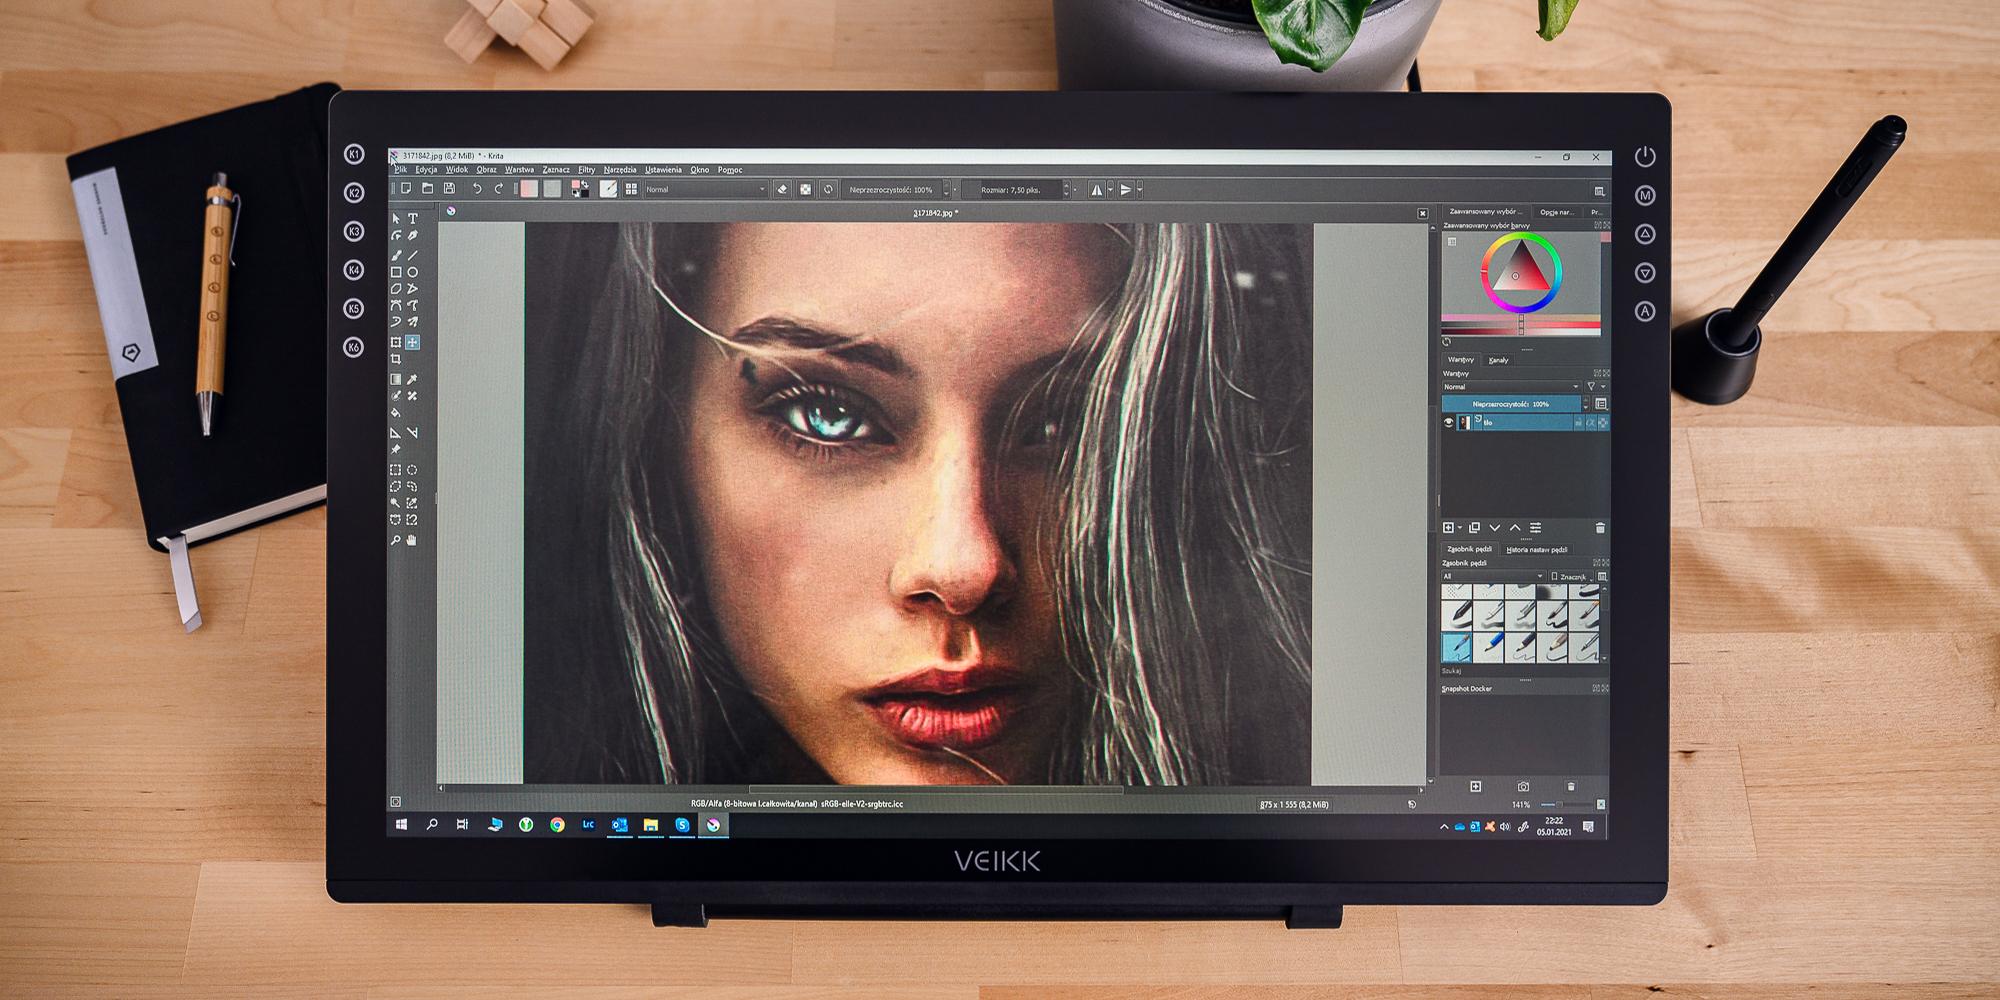 Zdjęcie - tablet graficzny z ekranem LCD Veikk VK2200 leżący na podłodze z jasnych paneli